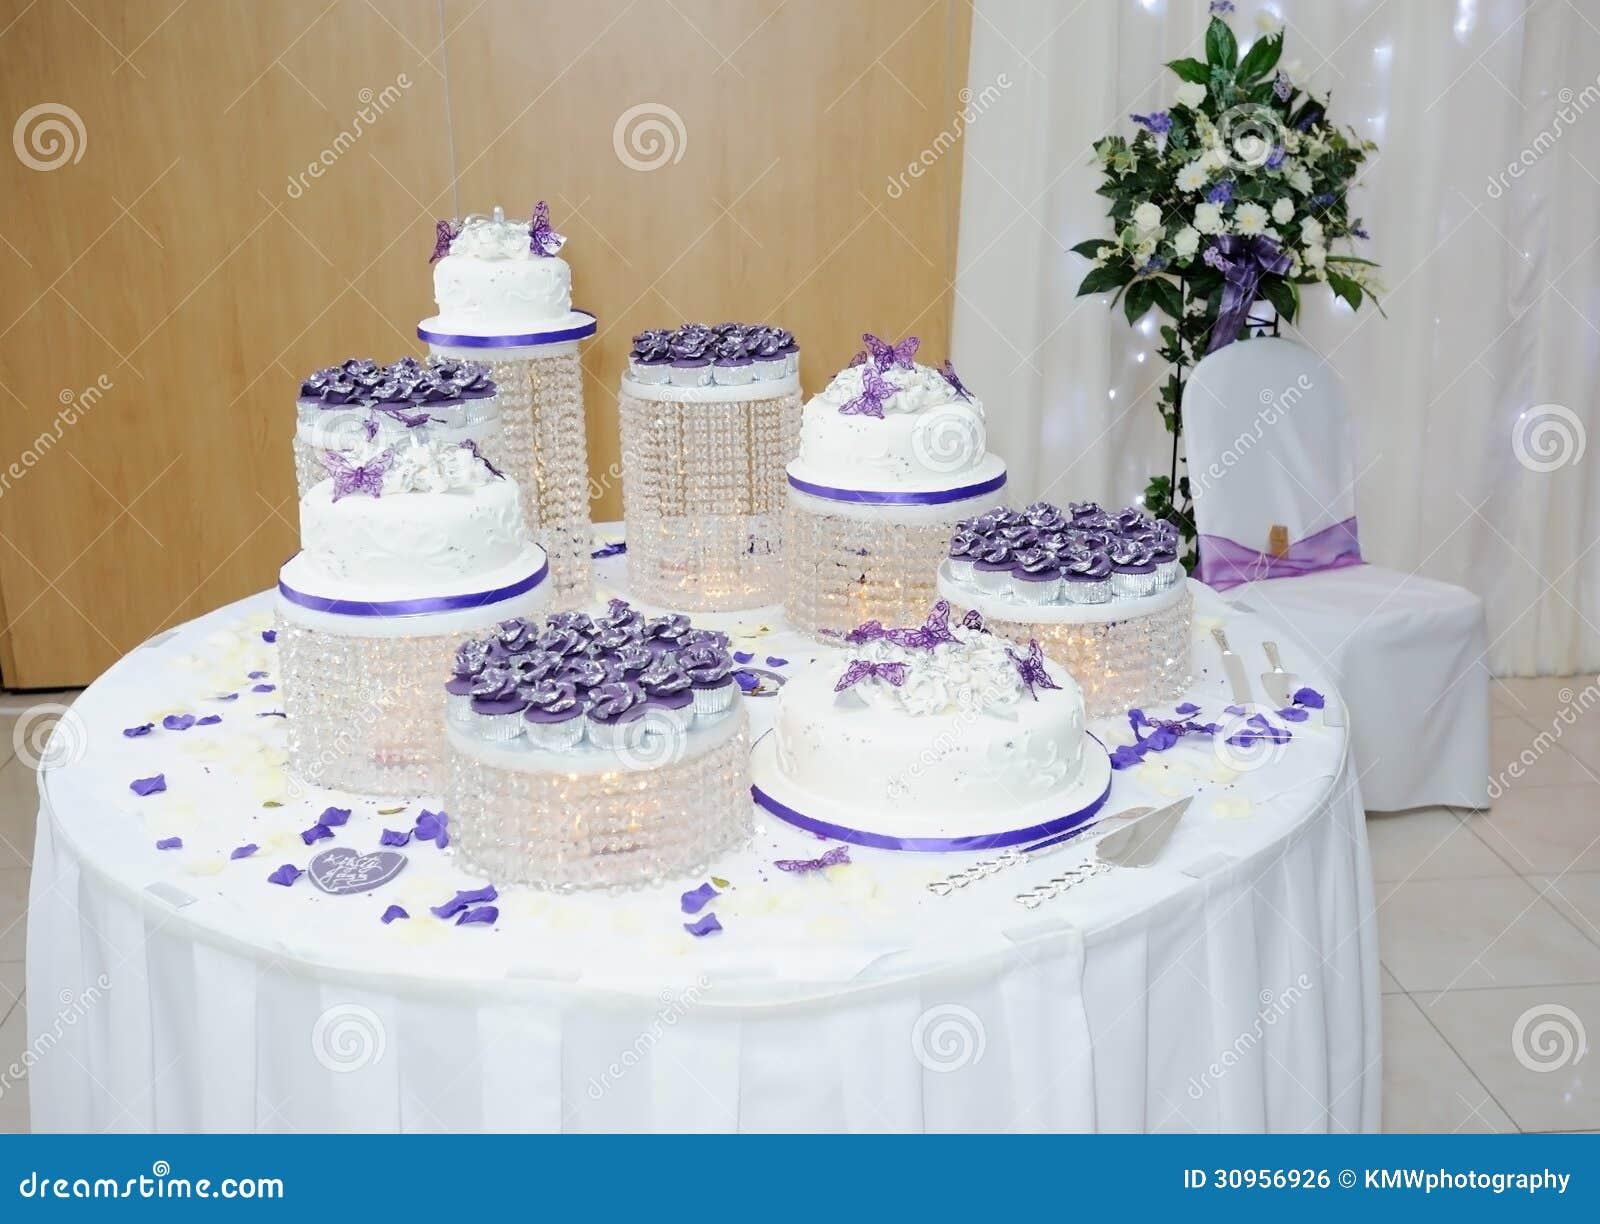 Extreme wedding cake stock photo. Image of frosting, dessert - 30956926